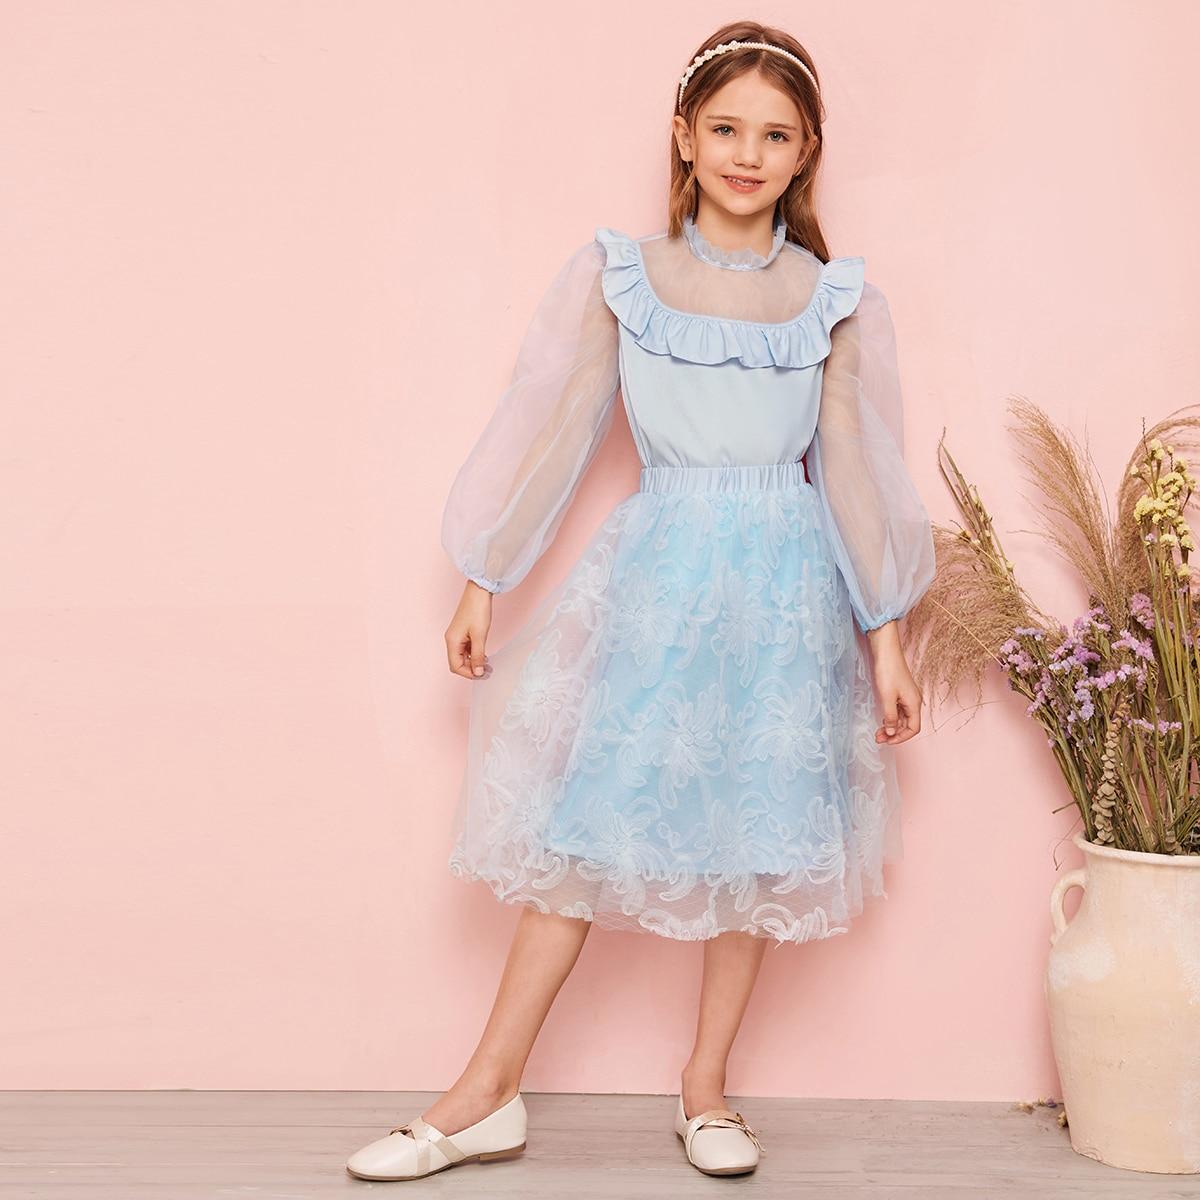 Сетчатая юбка и топ с оригинальным рукавом для девочек